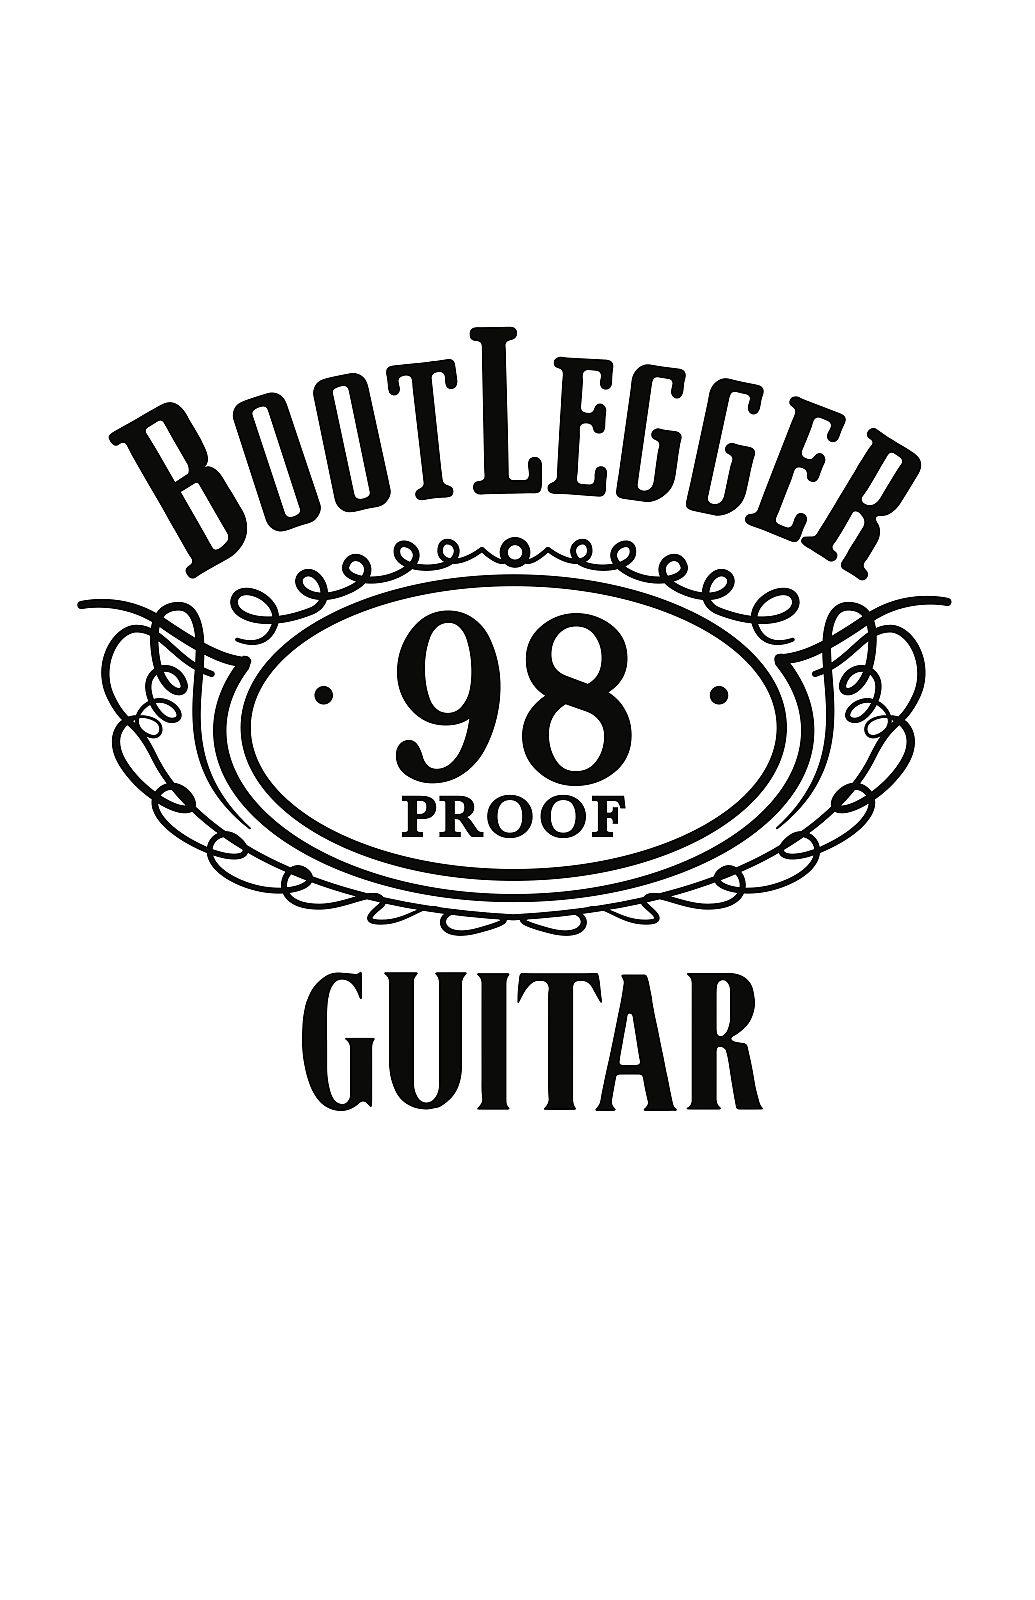 Bootlegger Guitar  6L6  2018